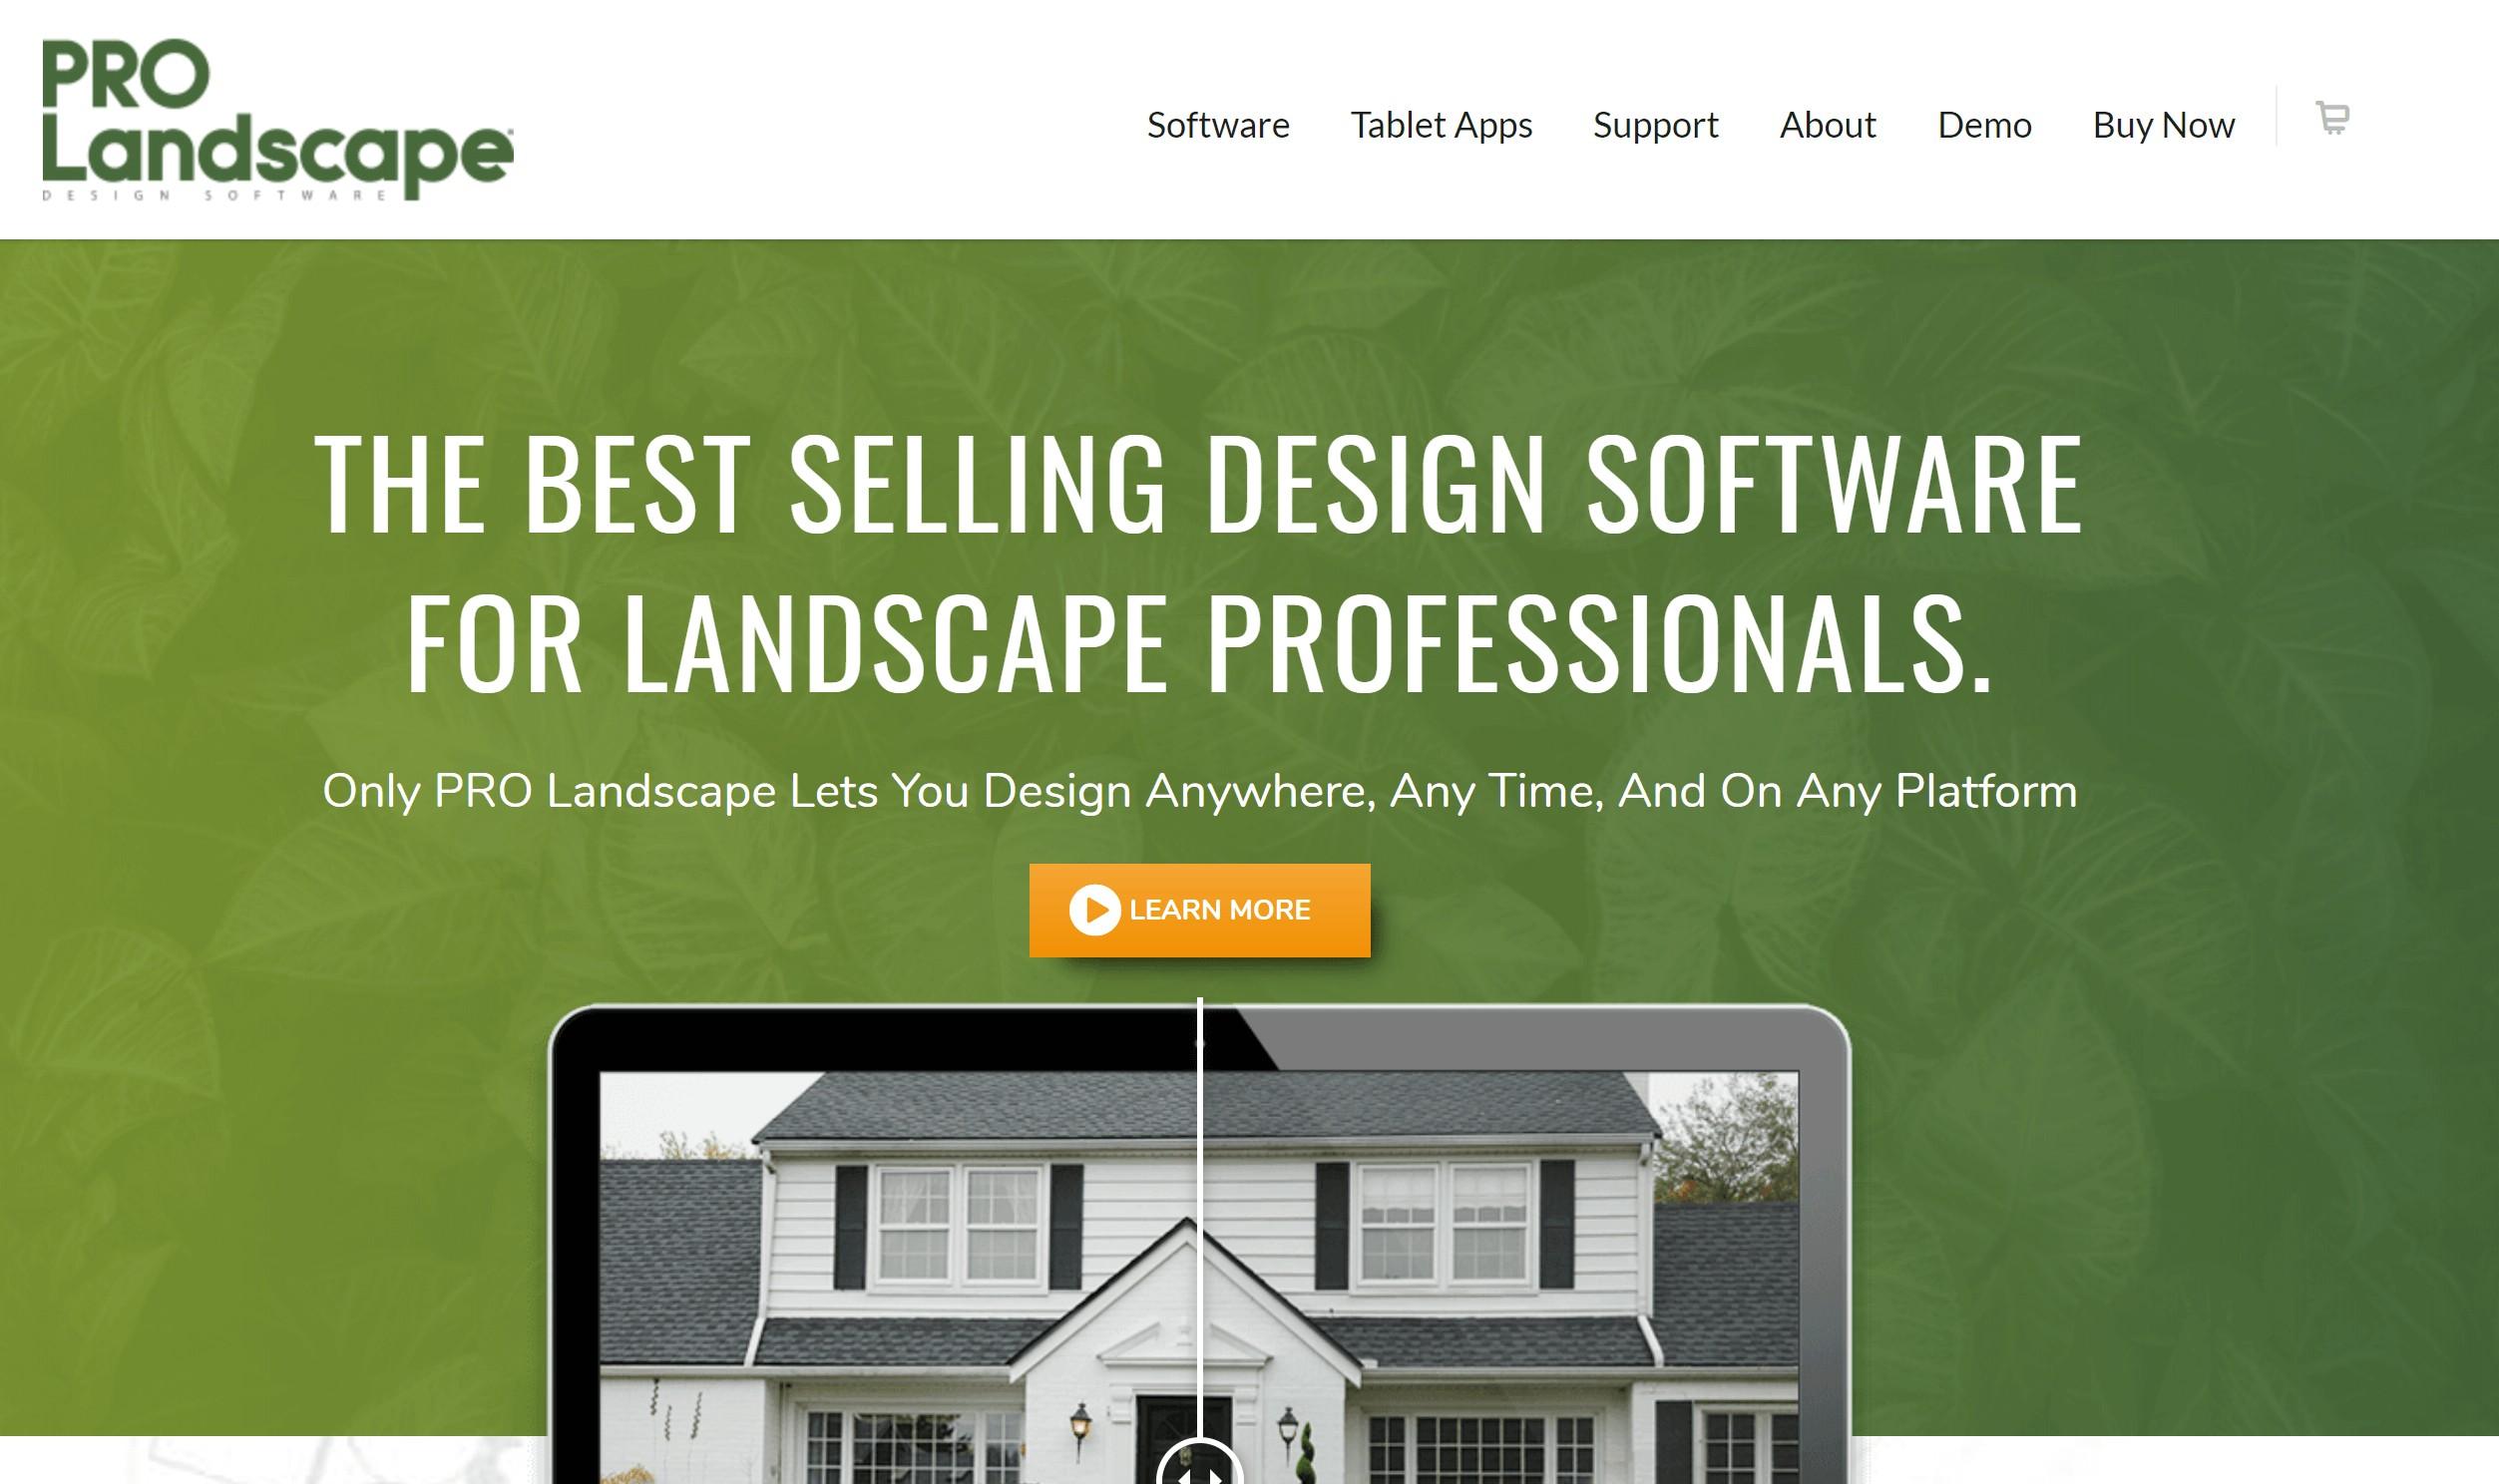 pro landscape app business